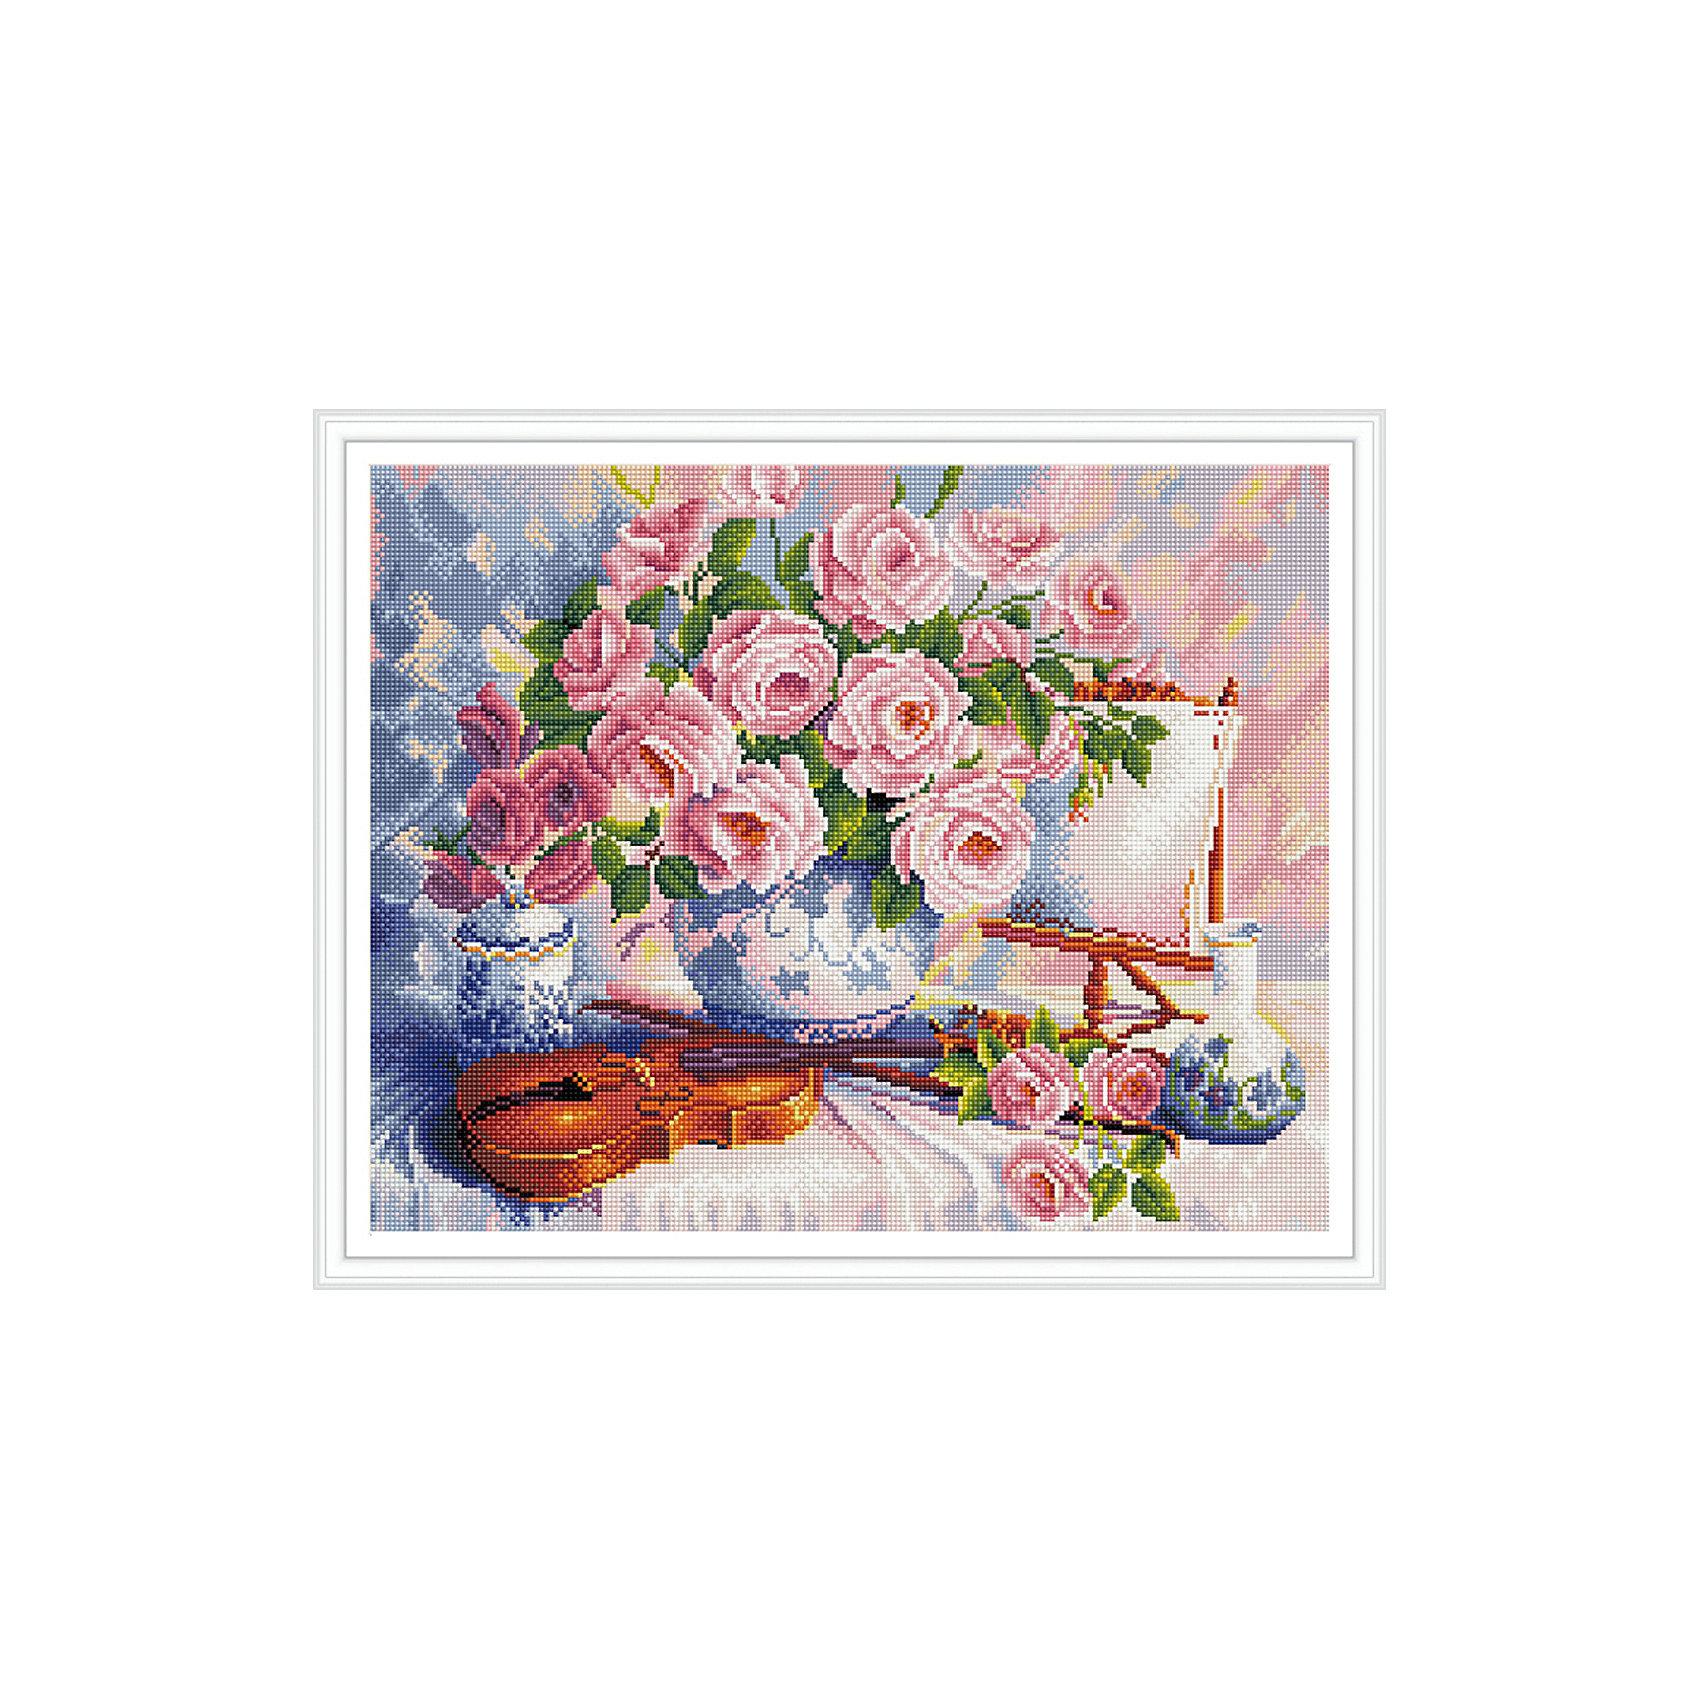 TUKZAR Алмазная мозаика Розы и скрипка 40*50 см наборы для поделок цветной алмазная мозаика олененок